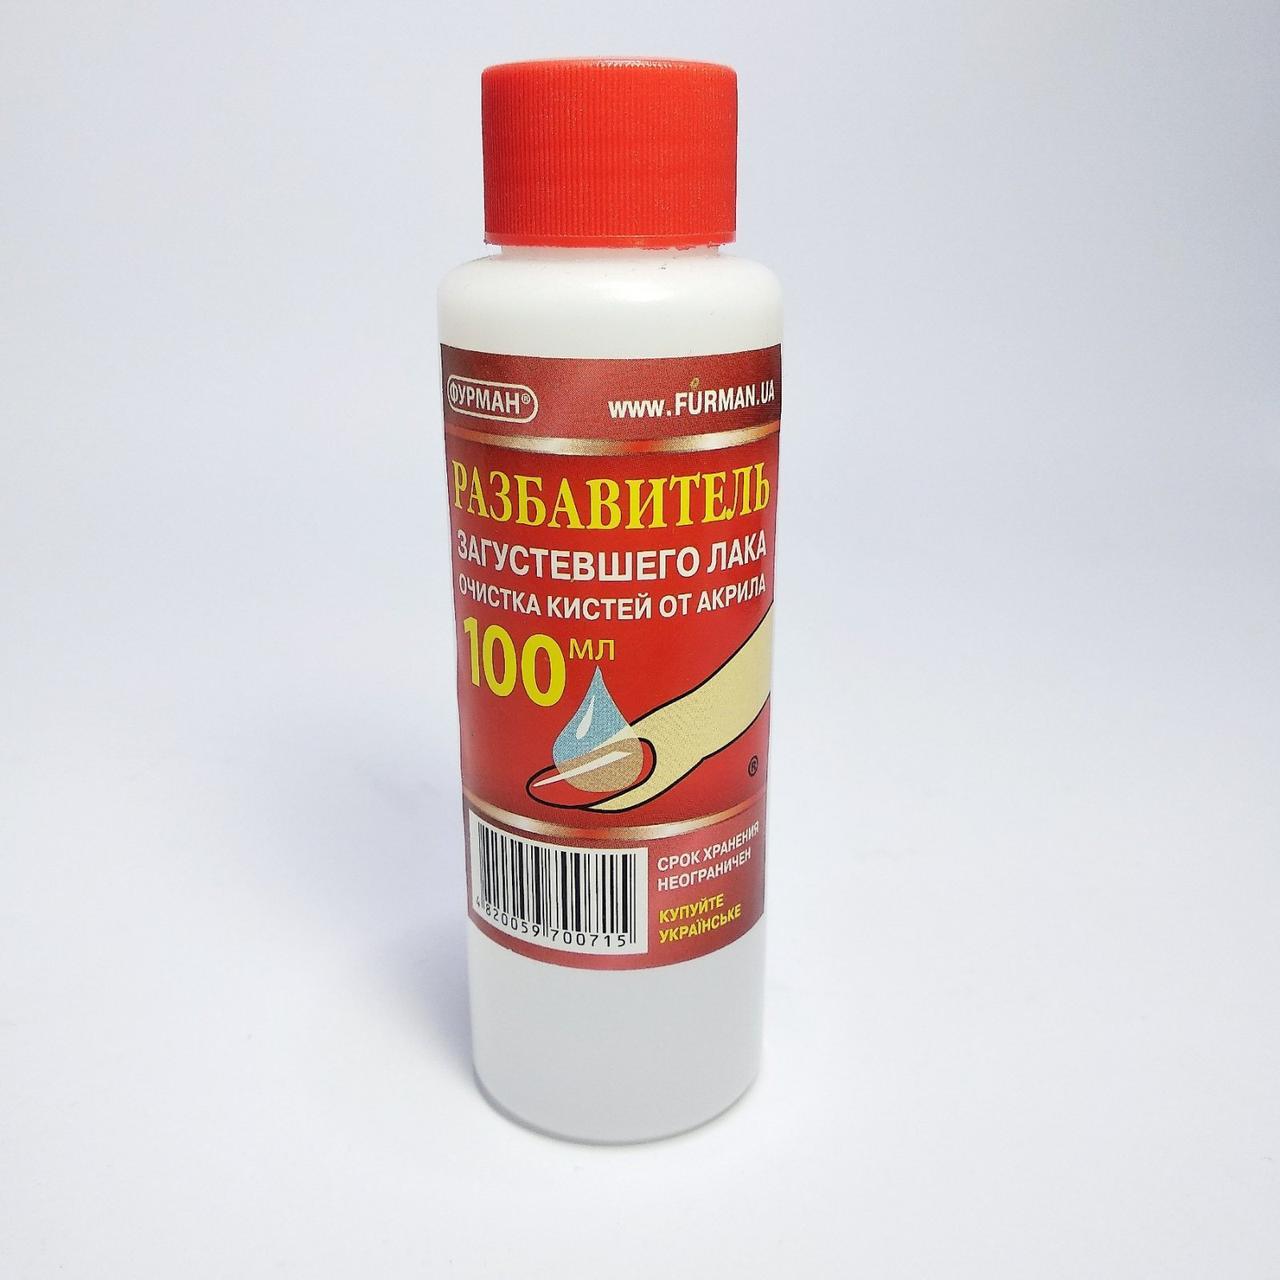 Жидкость для разбавления лака и очистки кистей от акрила Фурман 100 мл